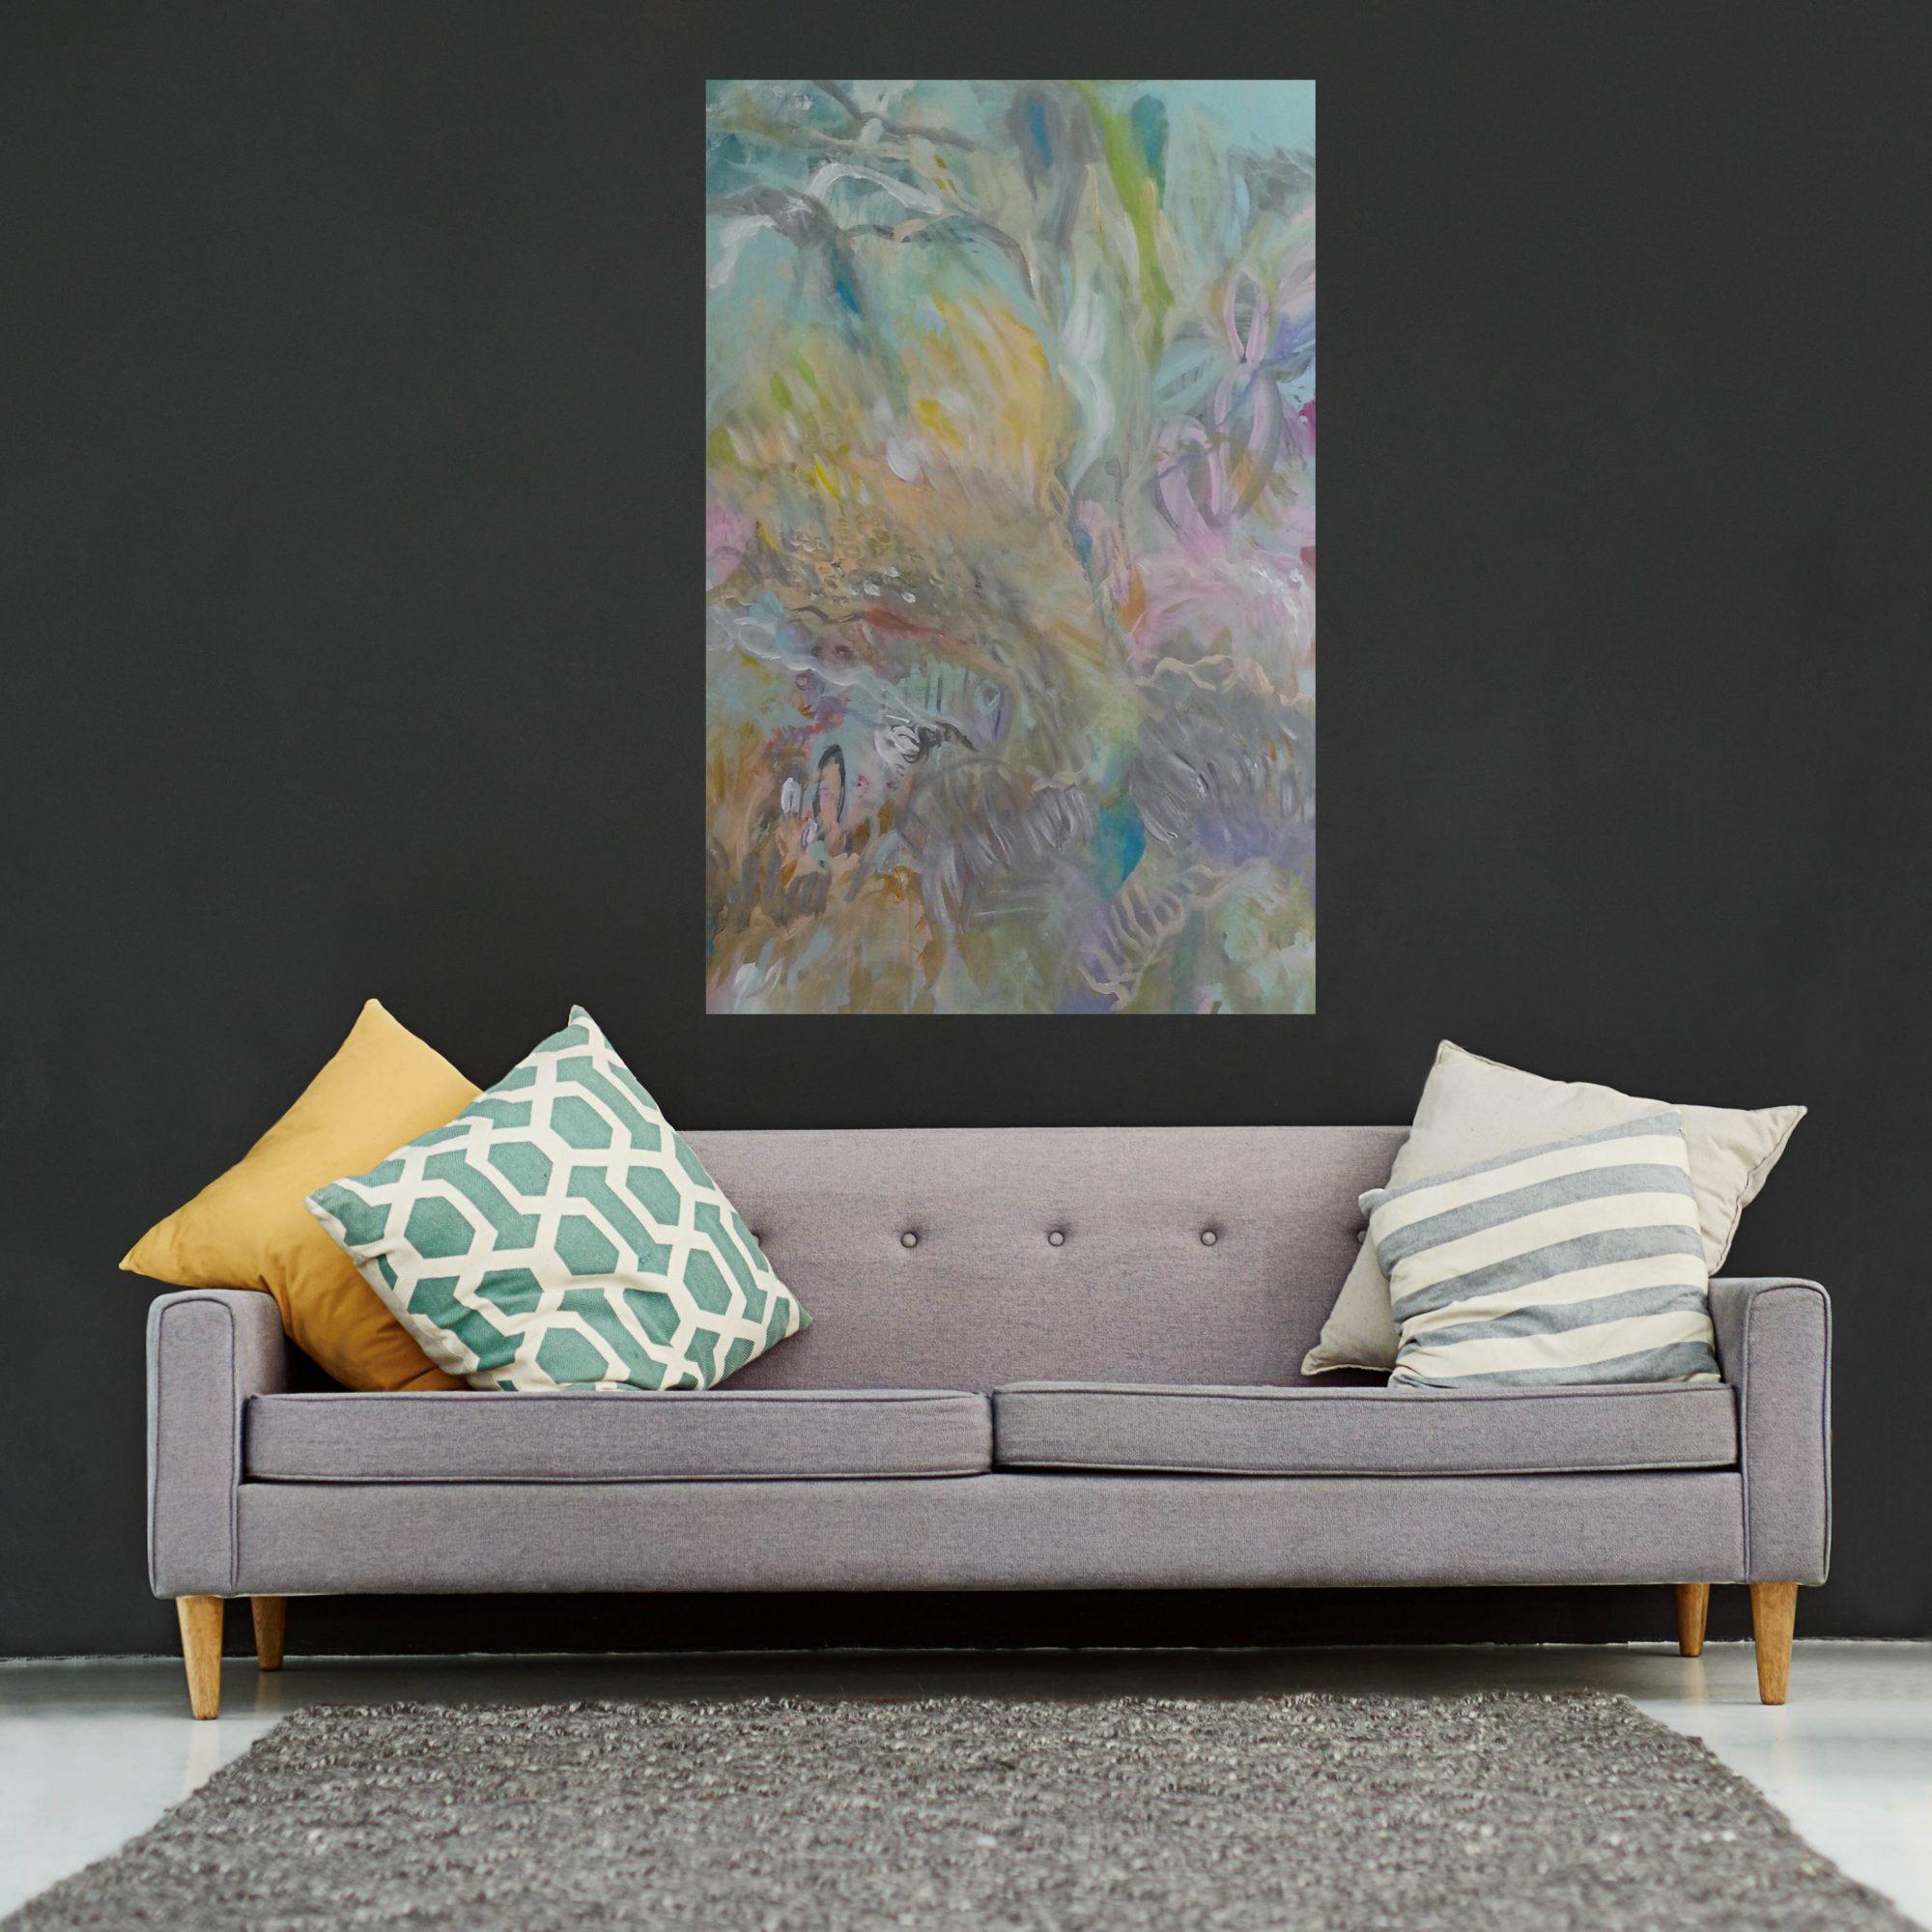 bush-sundown-grey-lounge-blk-wall